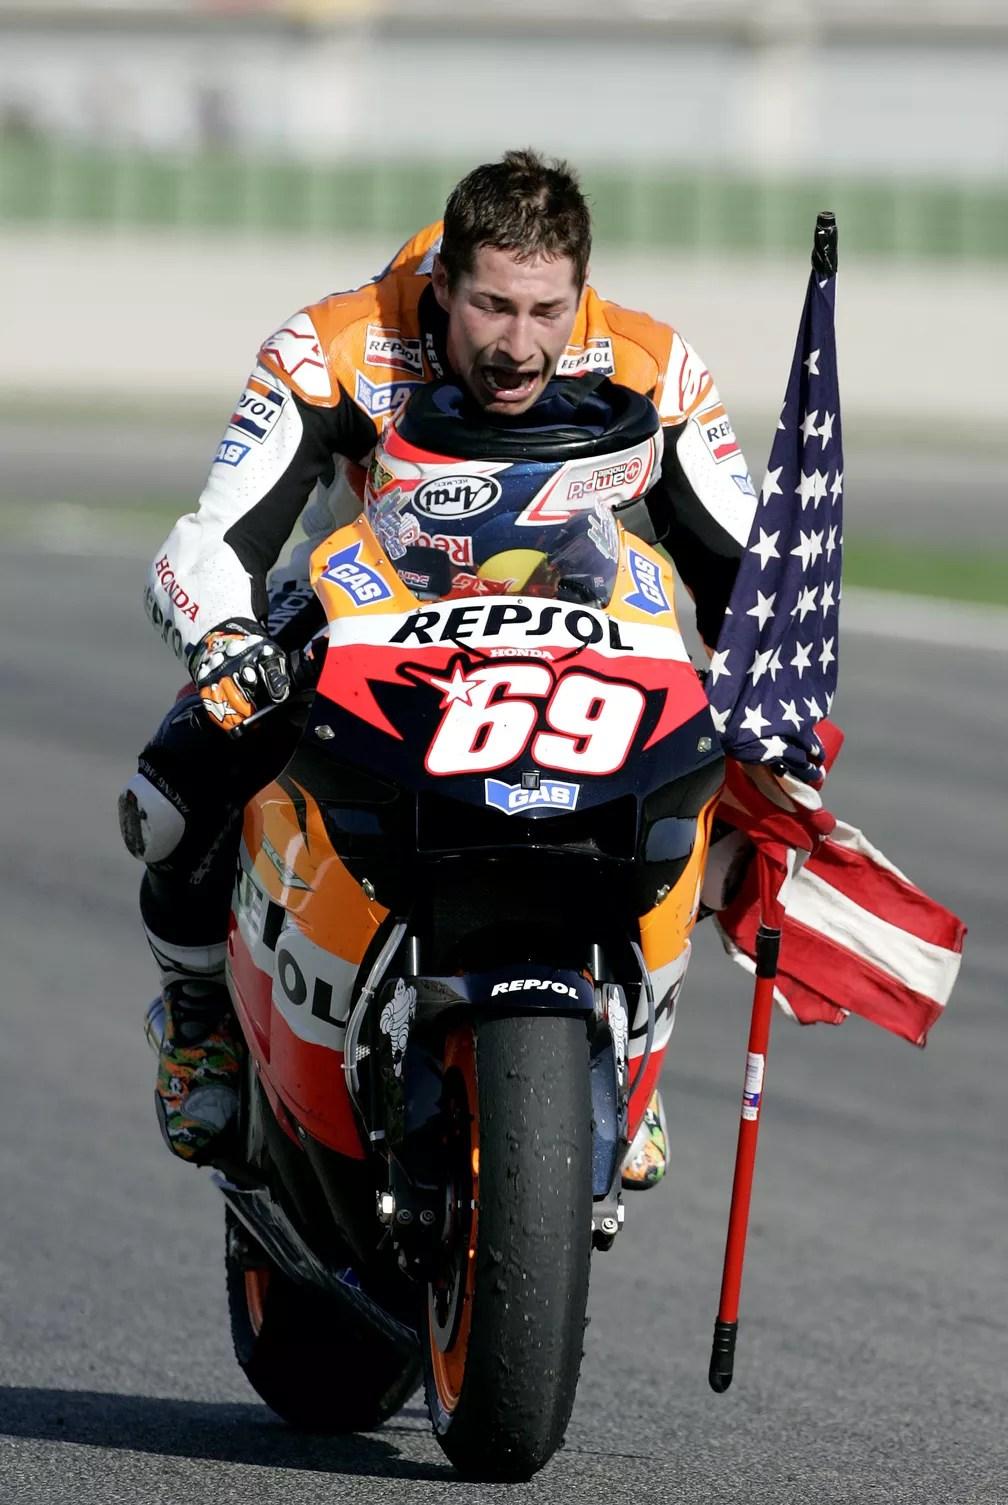 Nicky Hayden, comemorando o título da MotoGP, em 2006, pela equipe Honda (Foto: AP Photo/Bernat Armangue)